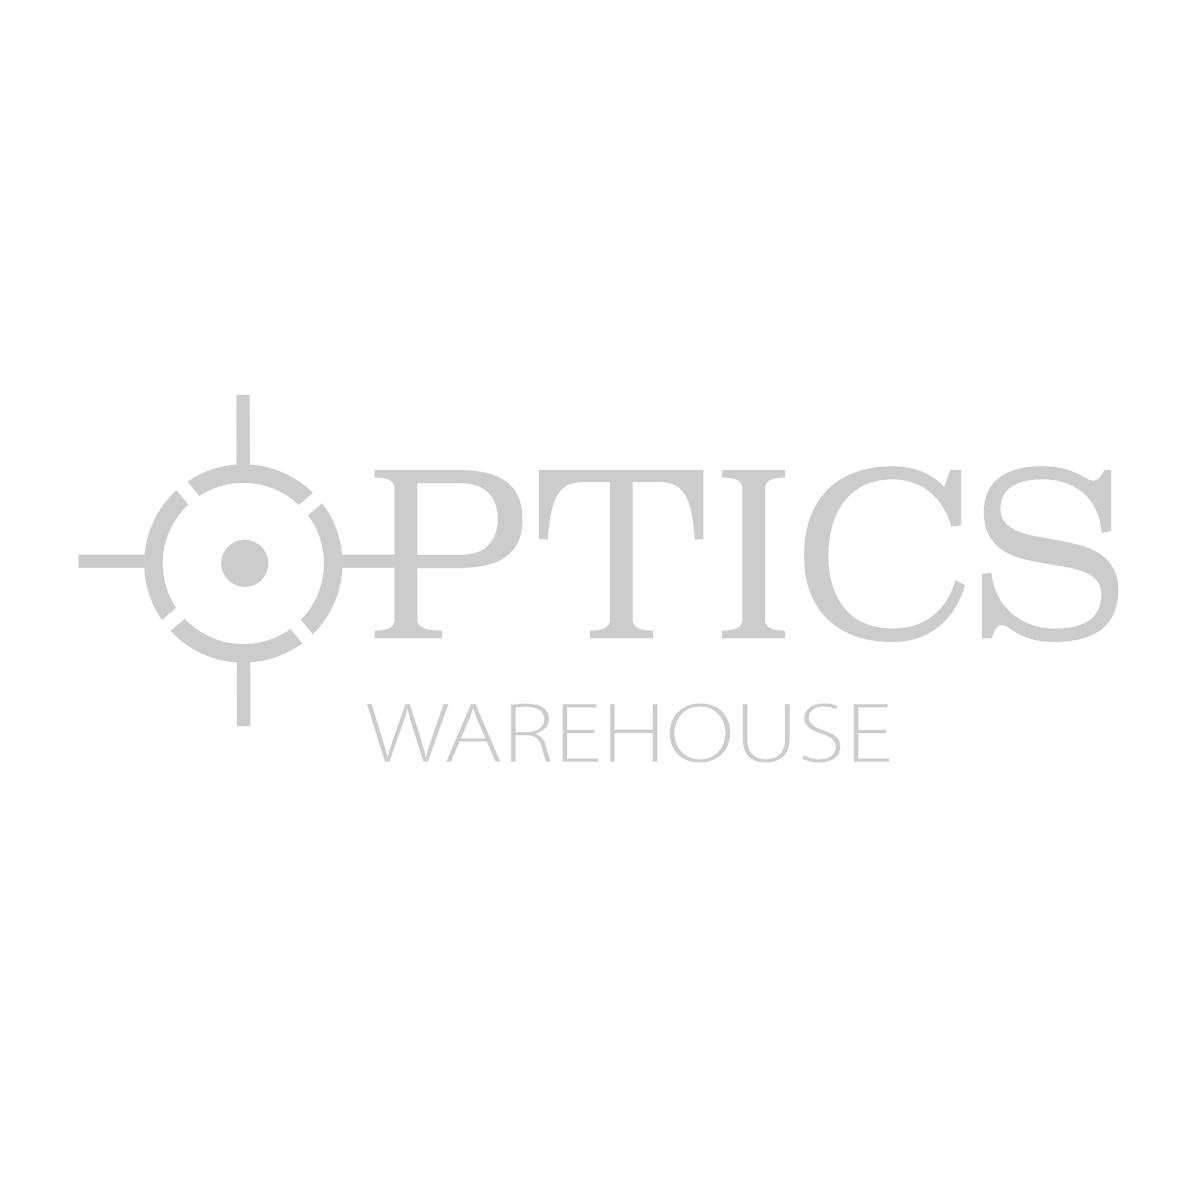 U.S. Optics